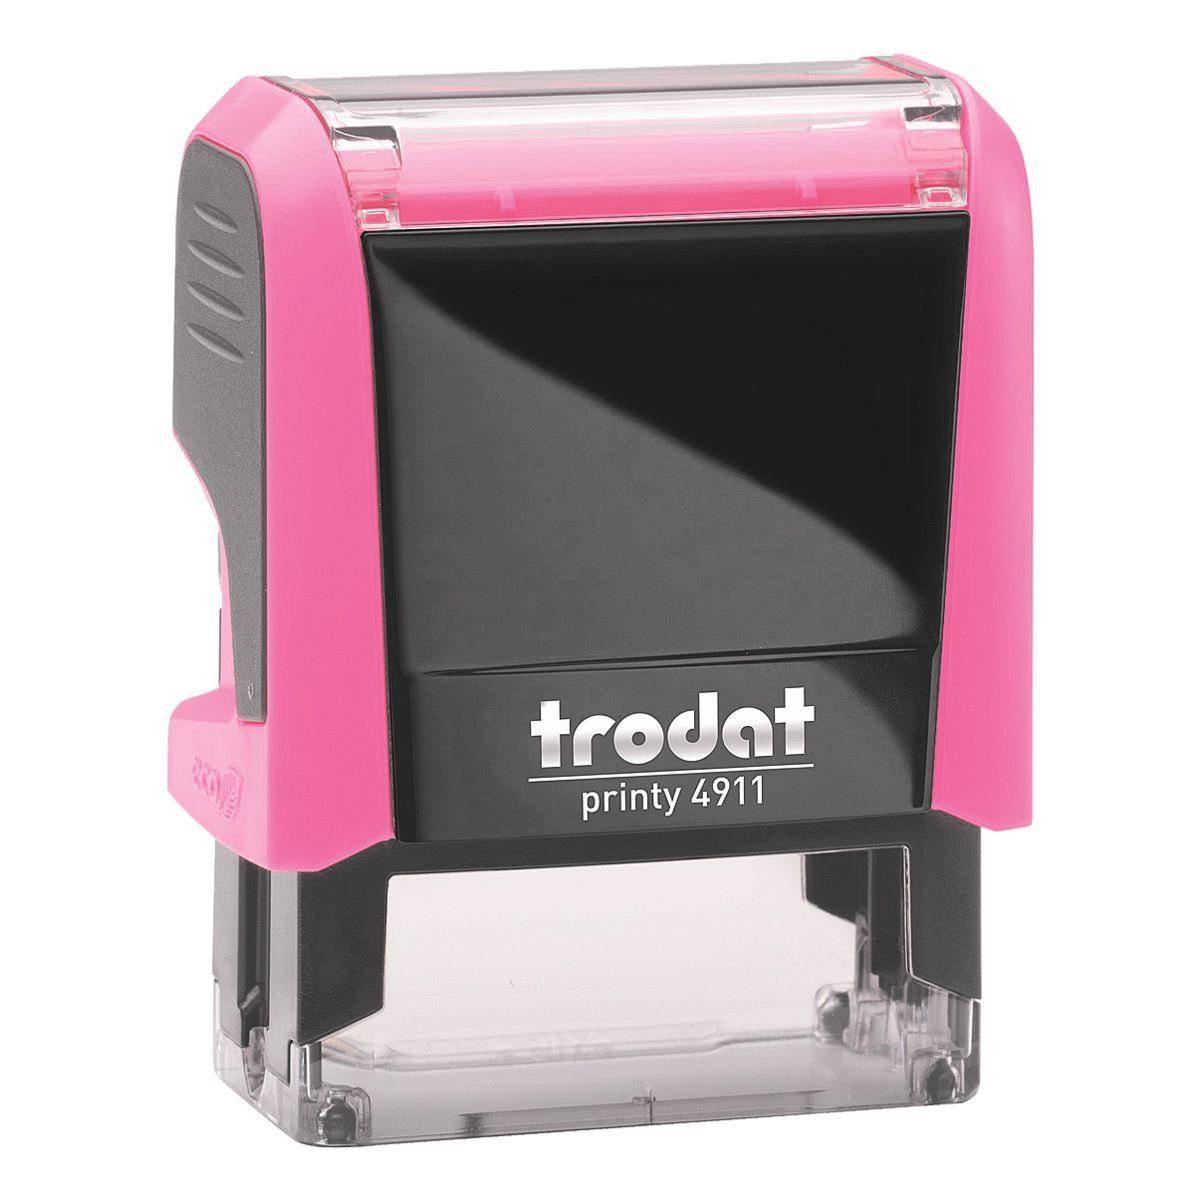 TRODAT Textstempel »Printy 4911« ohne Logo